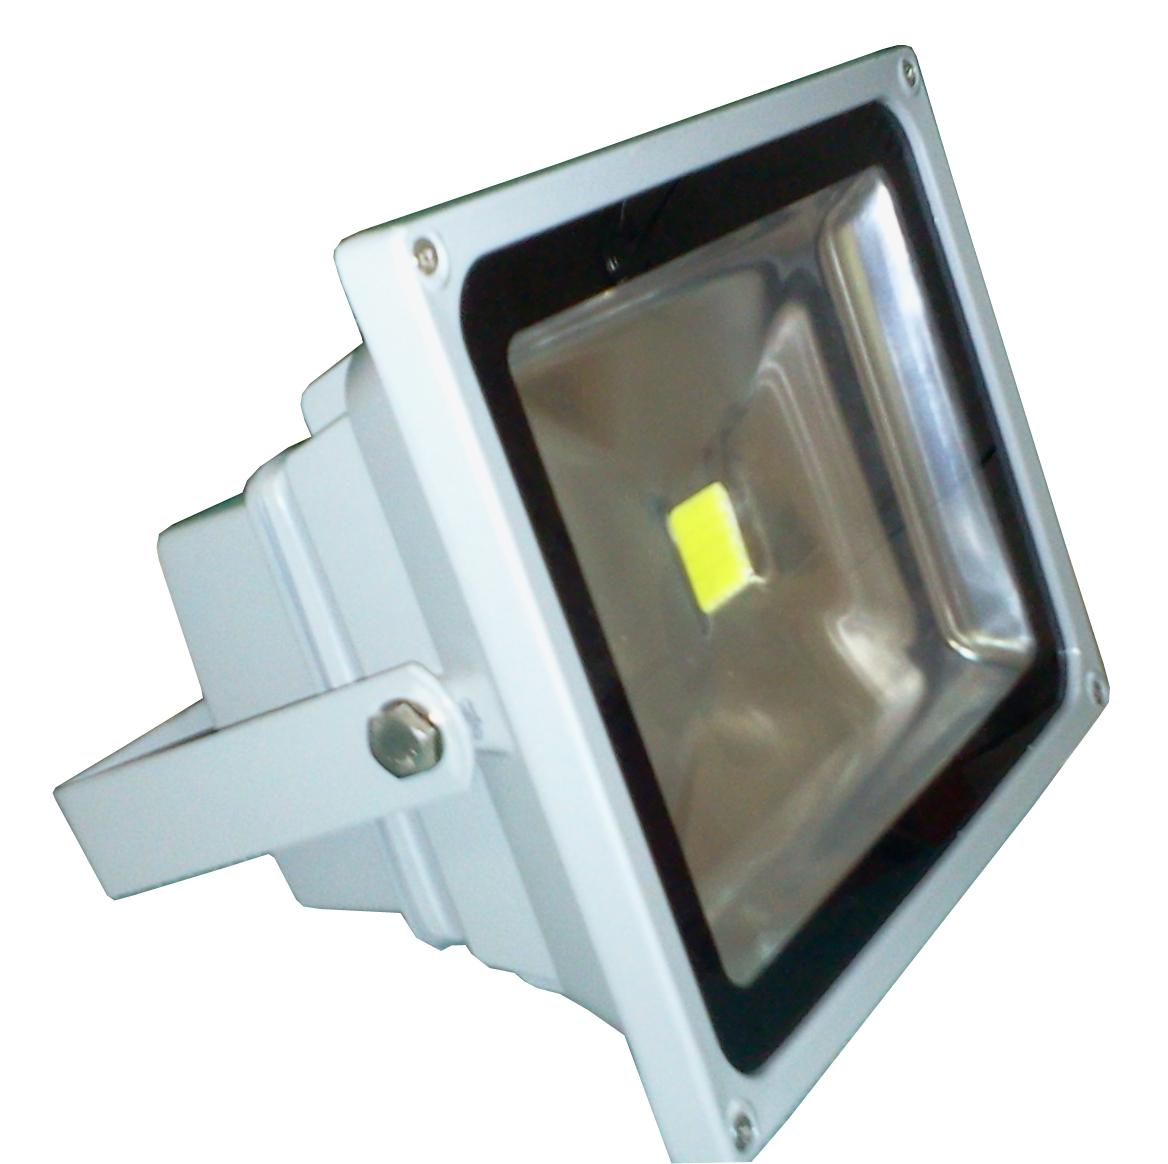 Оптовая торговля светильниками оквэд 2